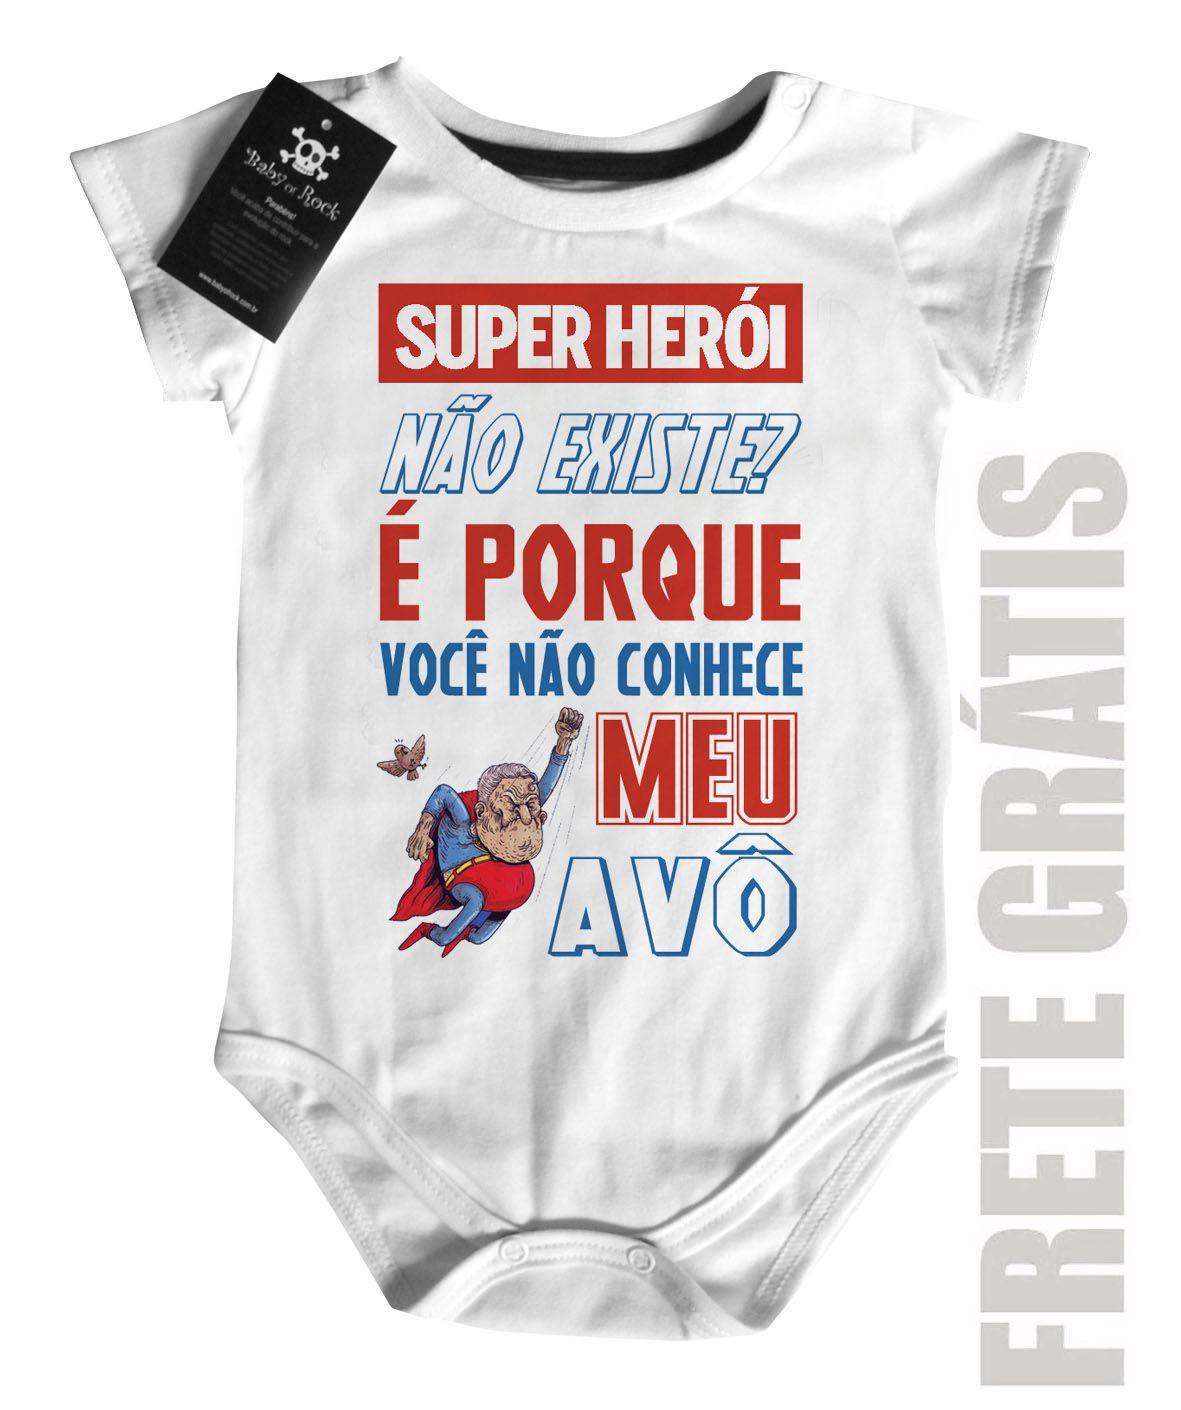 Body Baby Rock - Herói não existe? Vovô - White  - Baby Monster S/A